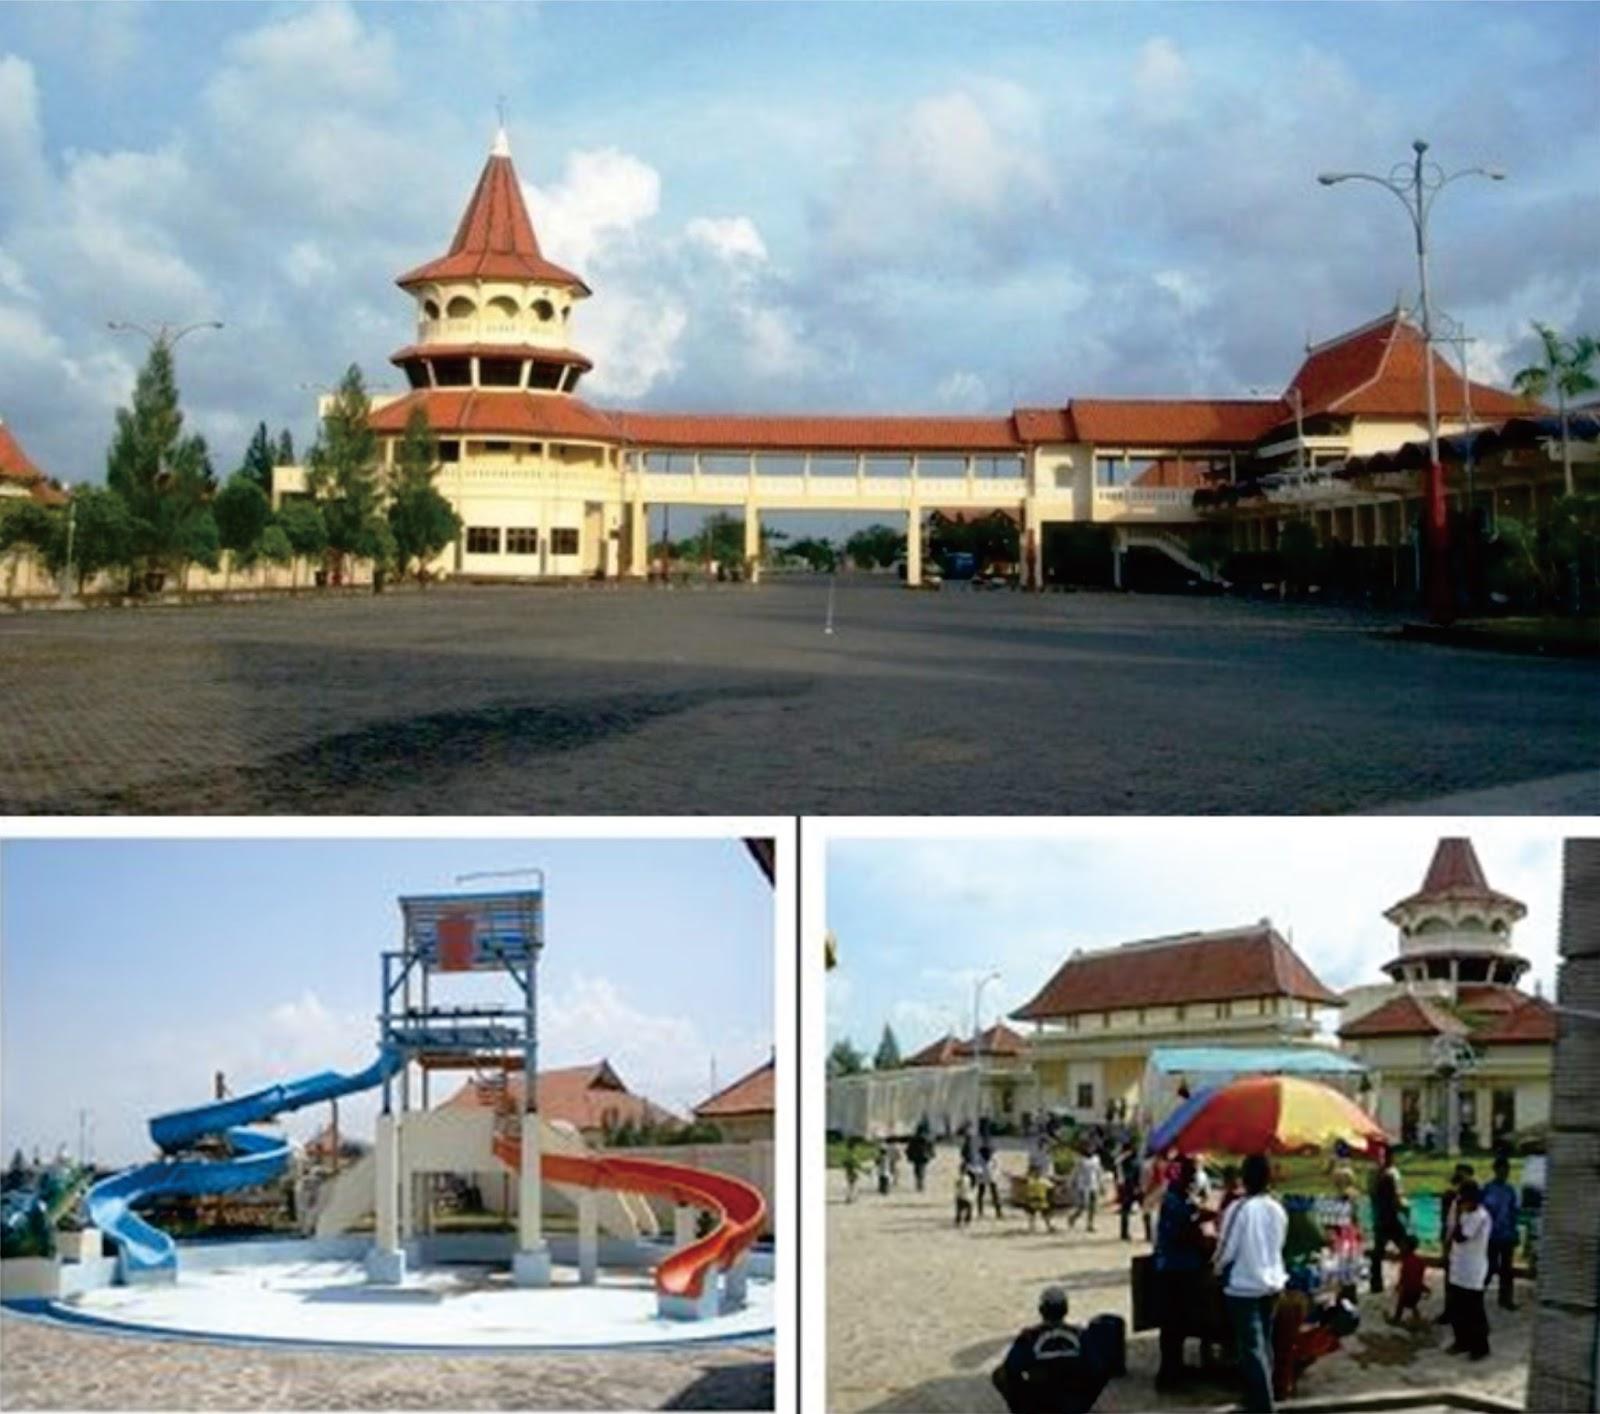 Museum Kambang Putih P Satu Satunya Kabupaten Tuban Lokasi Berdekatan